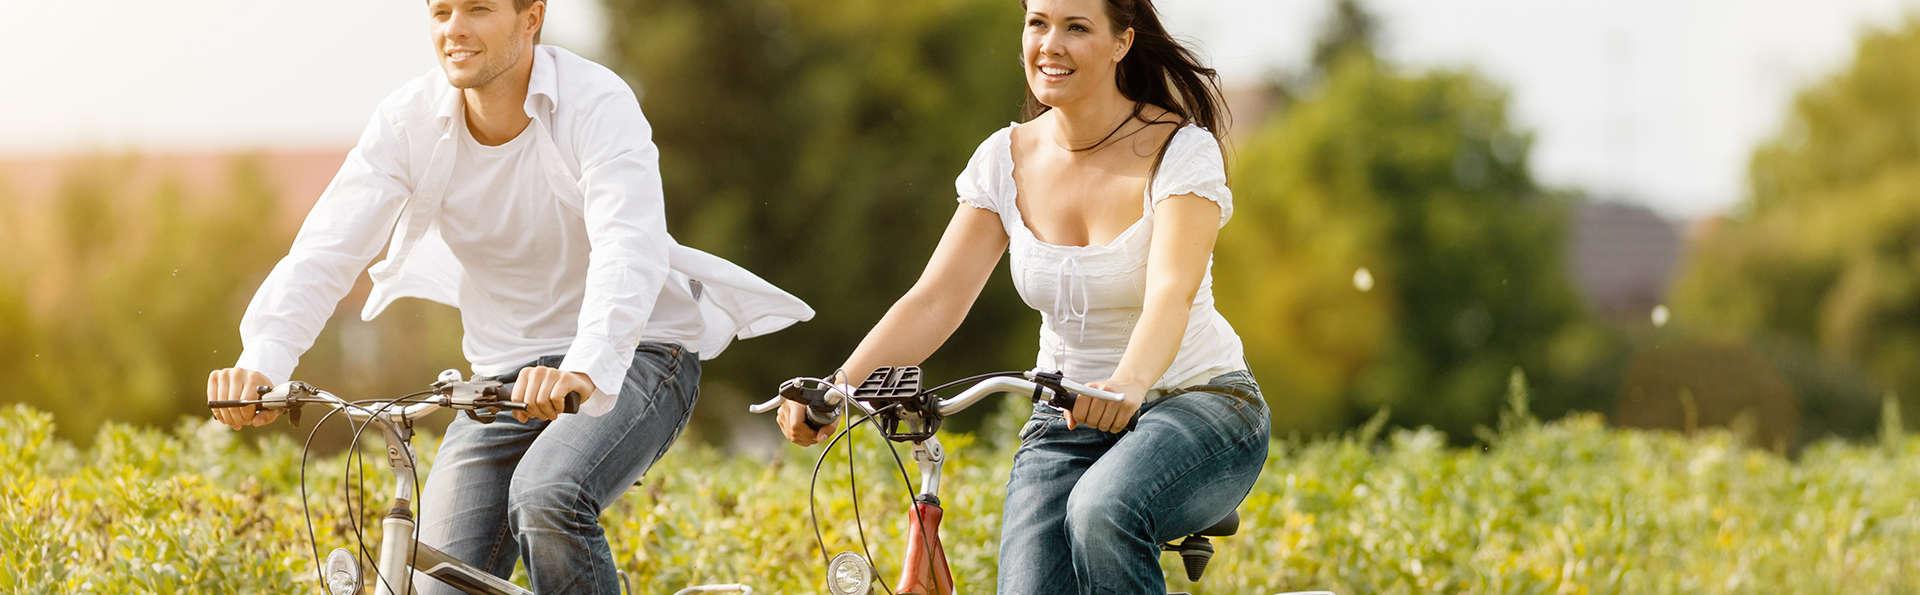 Découvrez les environs d'Alost à vélo